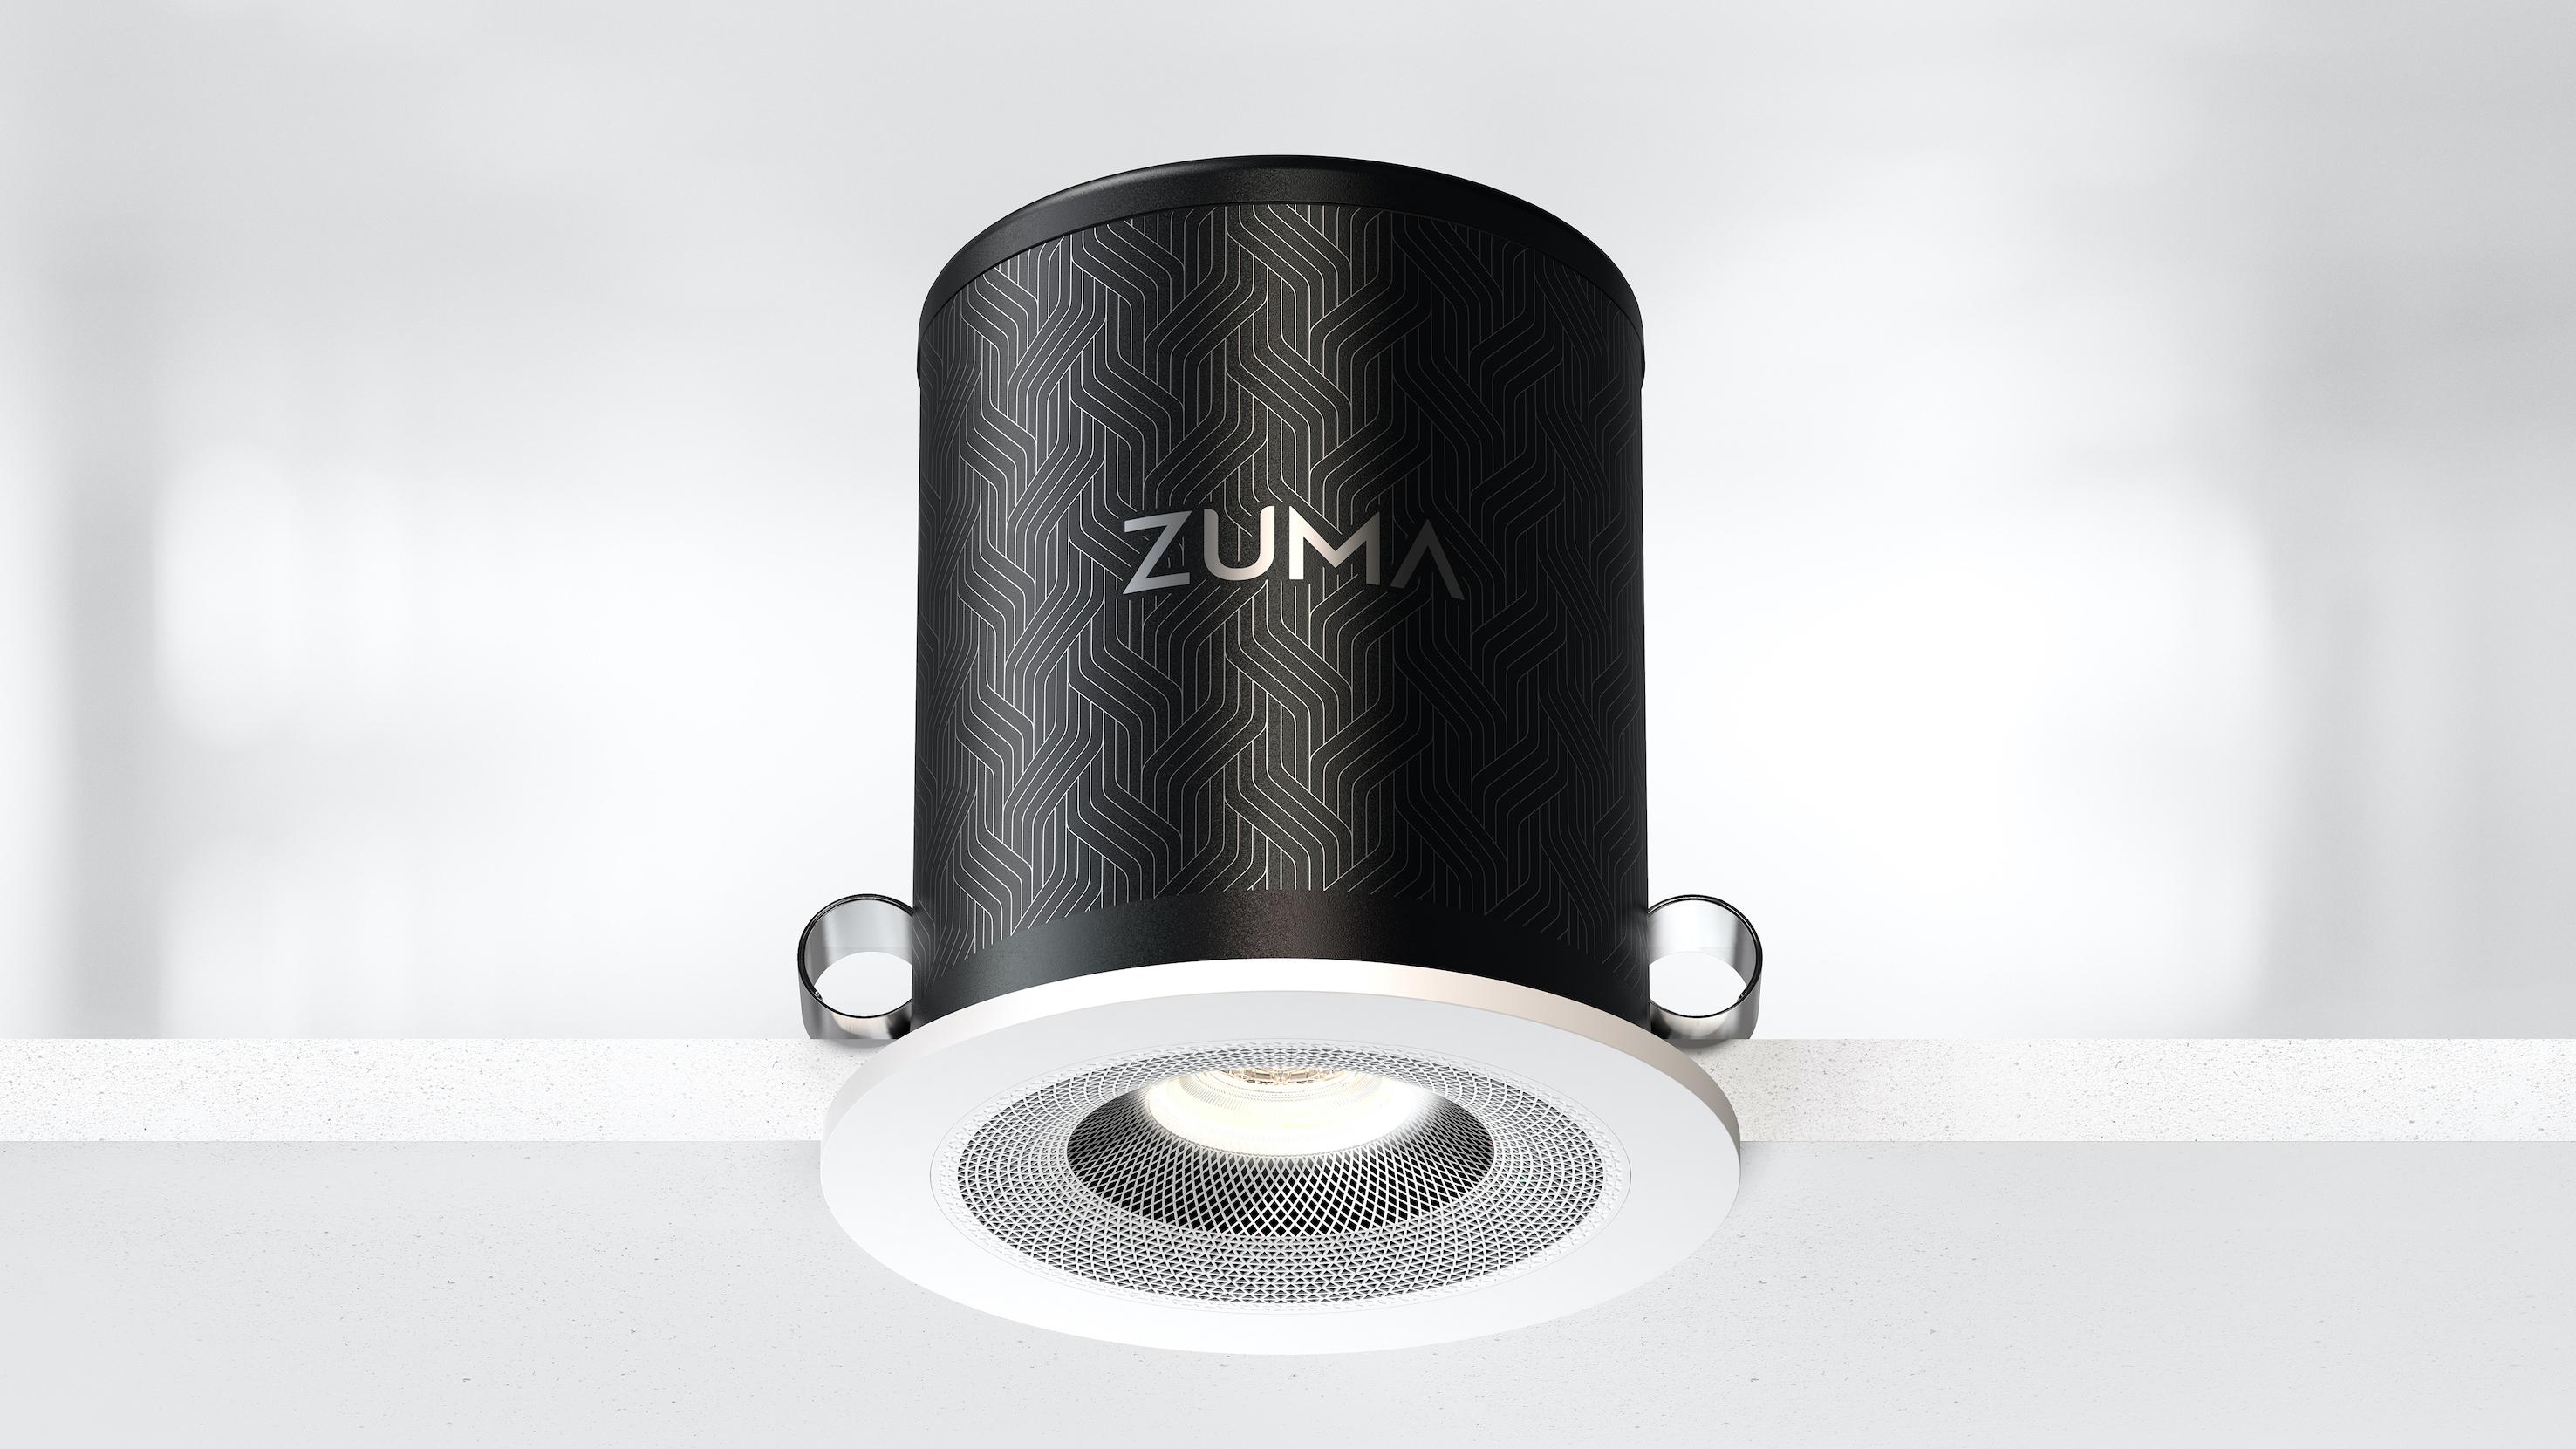 zuma lumisonic wireless speaker